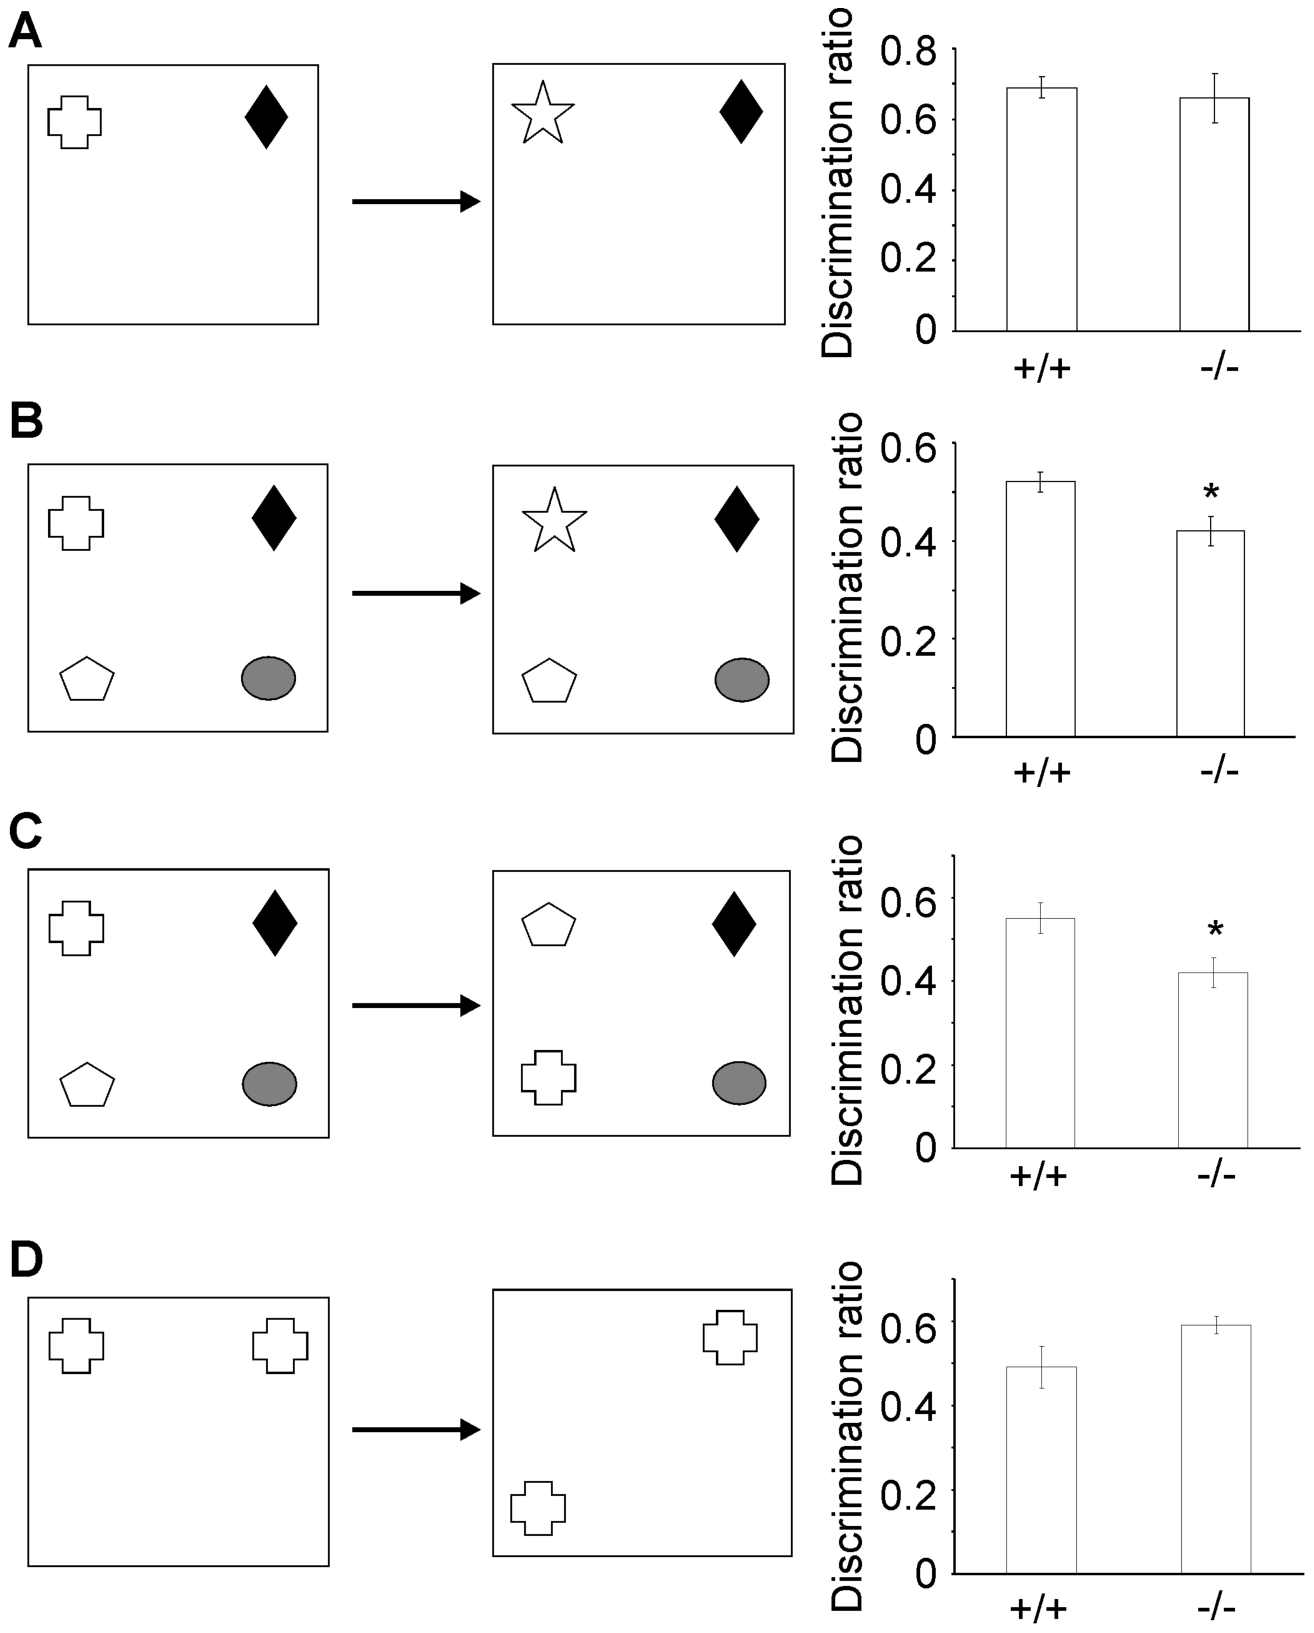 β-III spectrin knockout mice display deficits in some object recognition tasks.